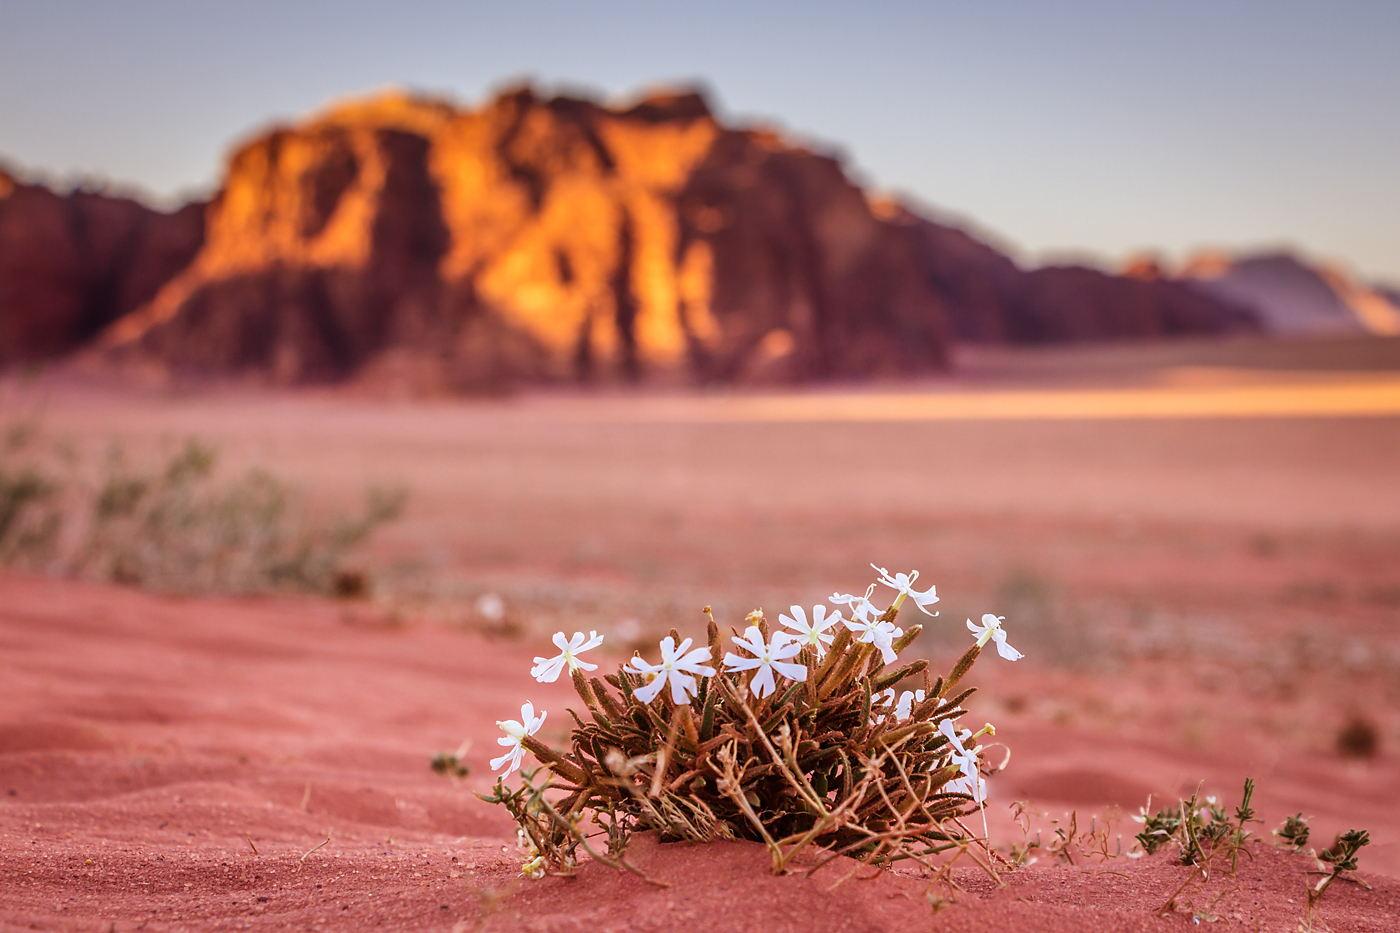 Kwiaty na pustyni Wadi Rum, wiosna w Jordanii, wyprawa fotograficzna